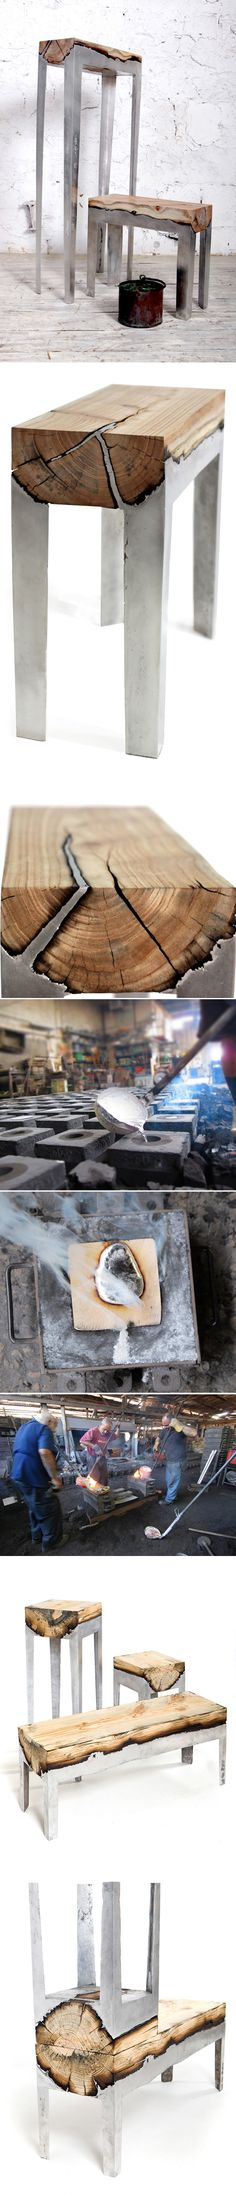 wood casting par Hilla Shamia  Assises bois + aluminium par Hilla Shamia    Hilla Shamia a baptisé son dernier concept « wood casting », il utilise le bois brut et l'intègre dans son mobilier en coulant de l'aluminium en fusion.  Une fois refroidi, il découpe les blocs d'aluminium pour mettre à jour le bois brulé en surface, le résultat est simplement magnifique.